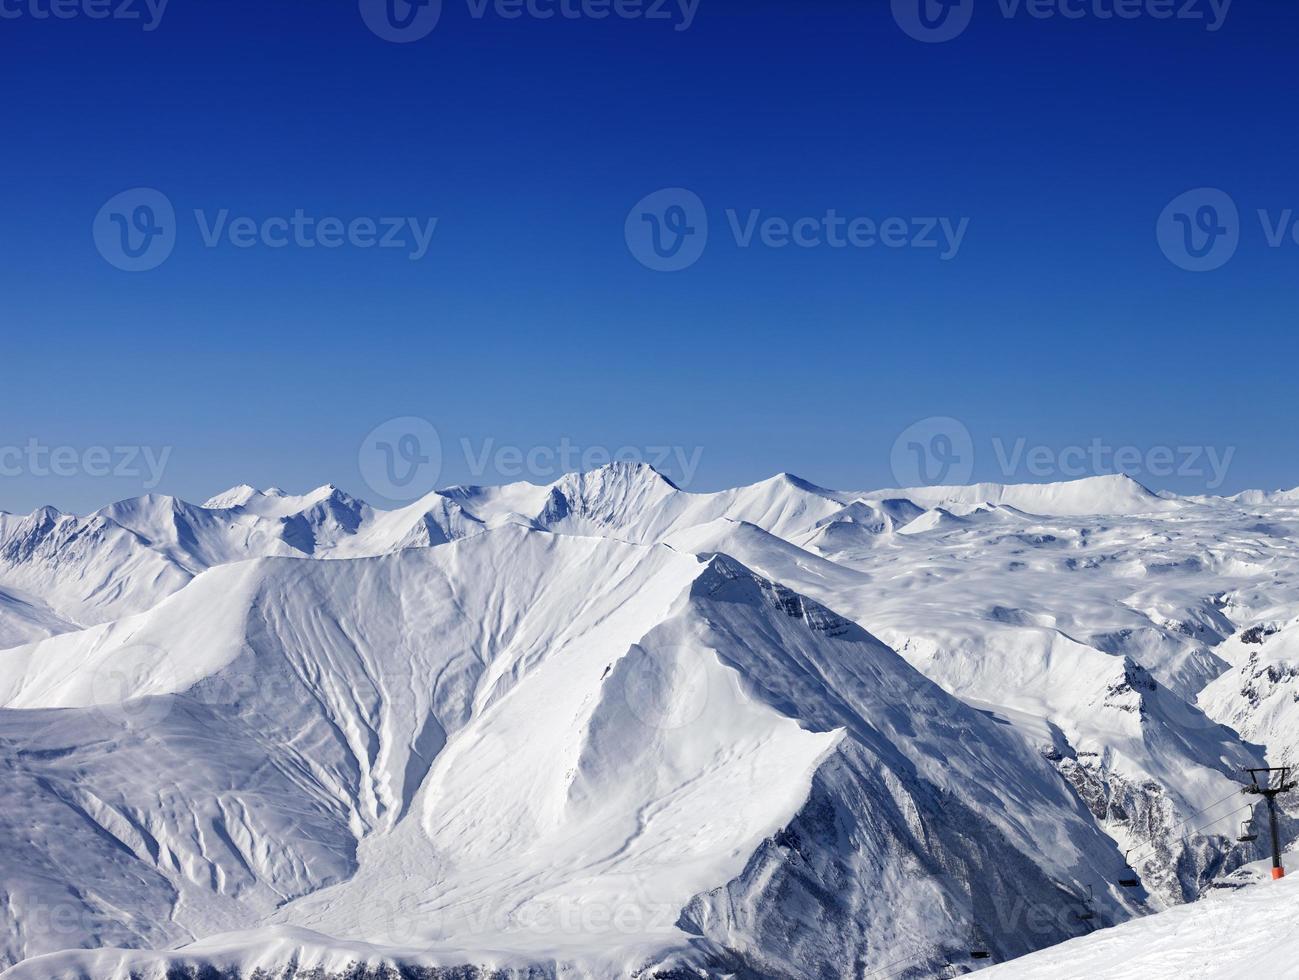 montagnes d'hiver et ciel bleu clair à nice day photo